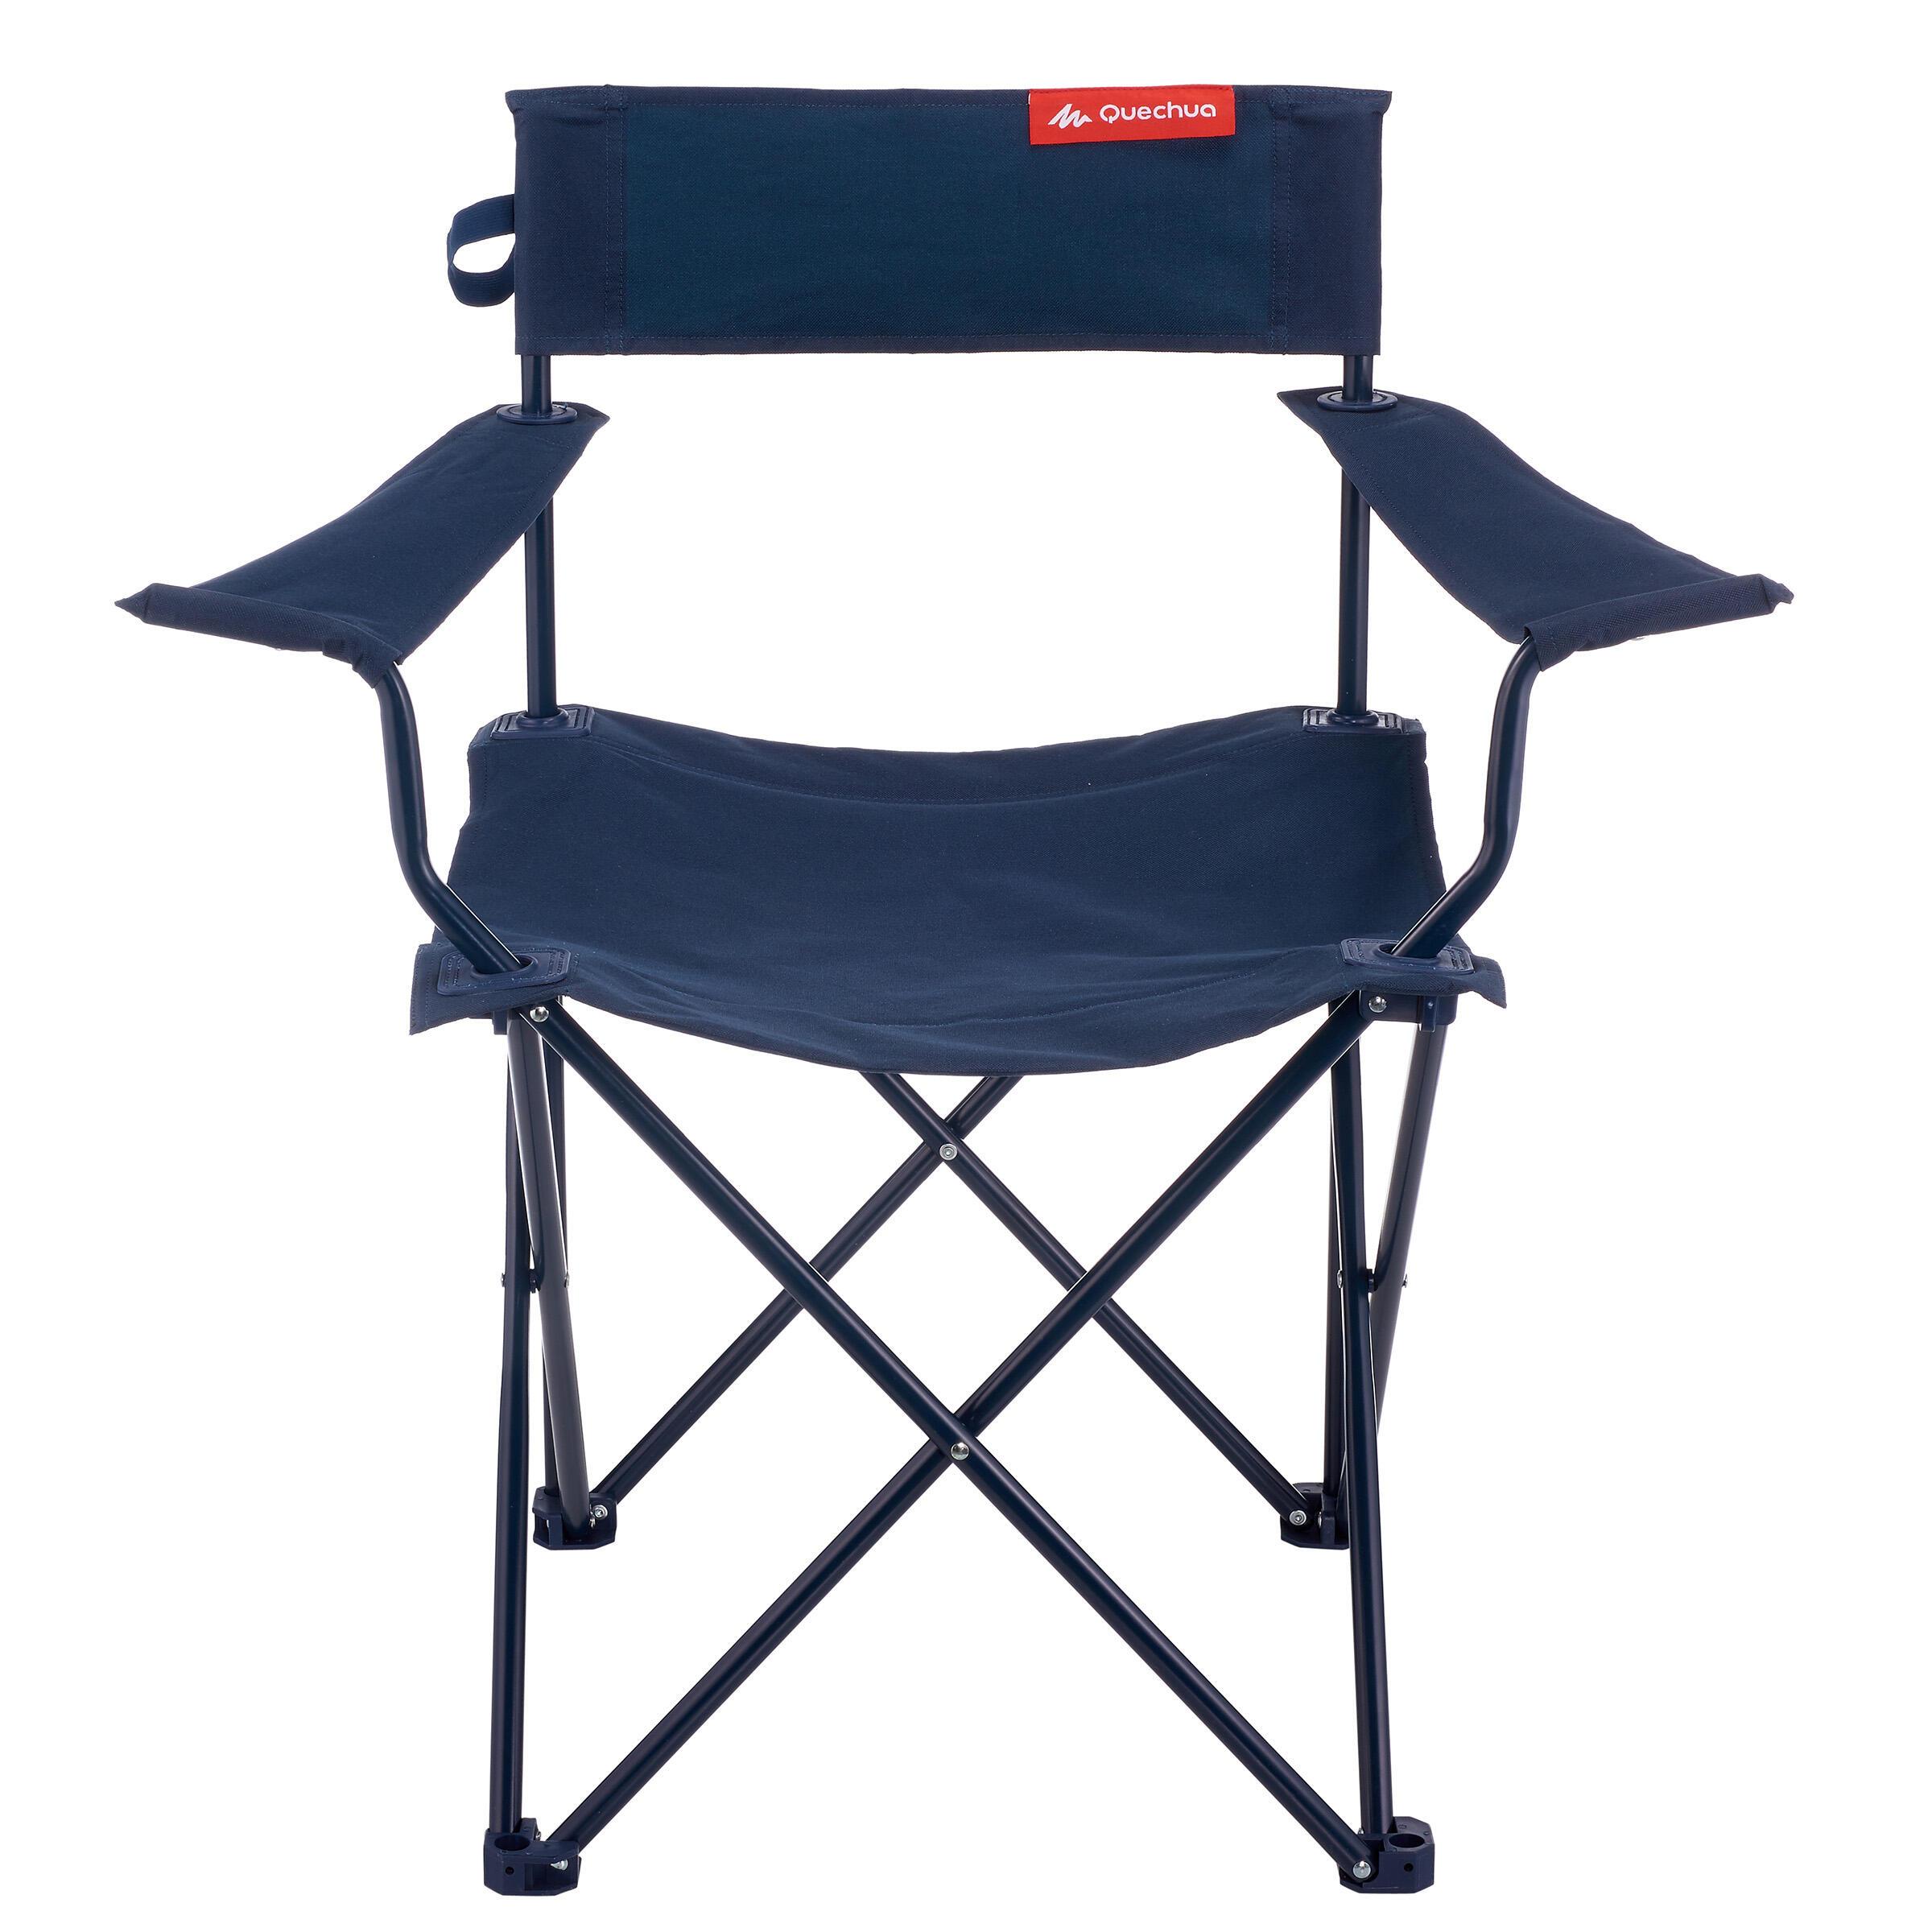 Comprar Silla Plegable Basica Azul Para Camping Decathlon